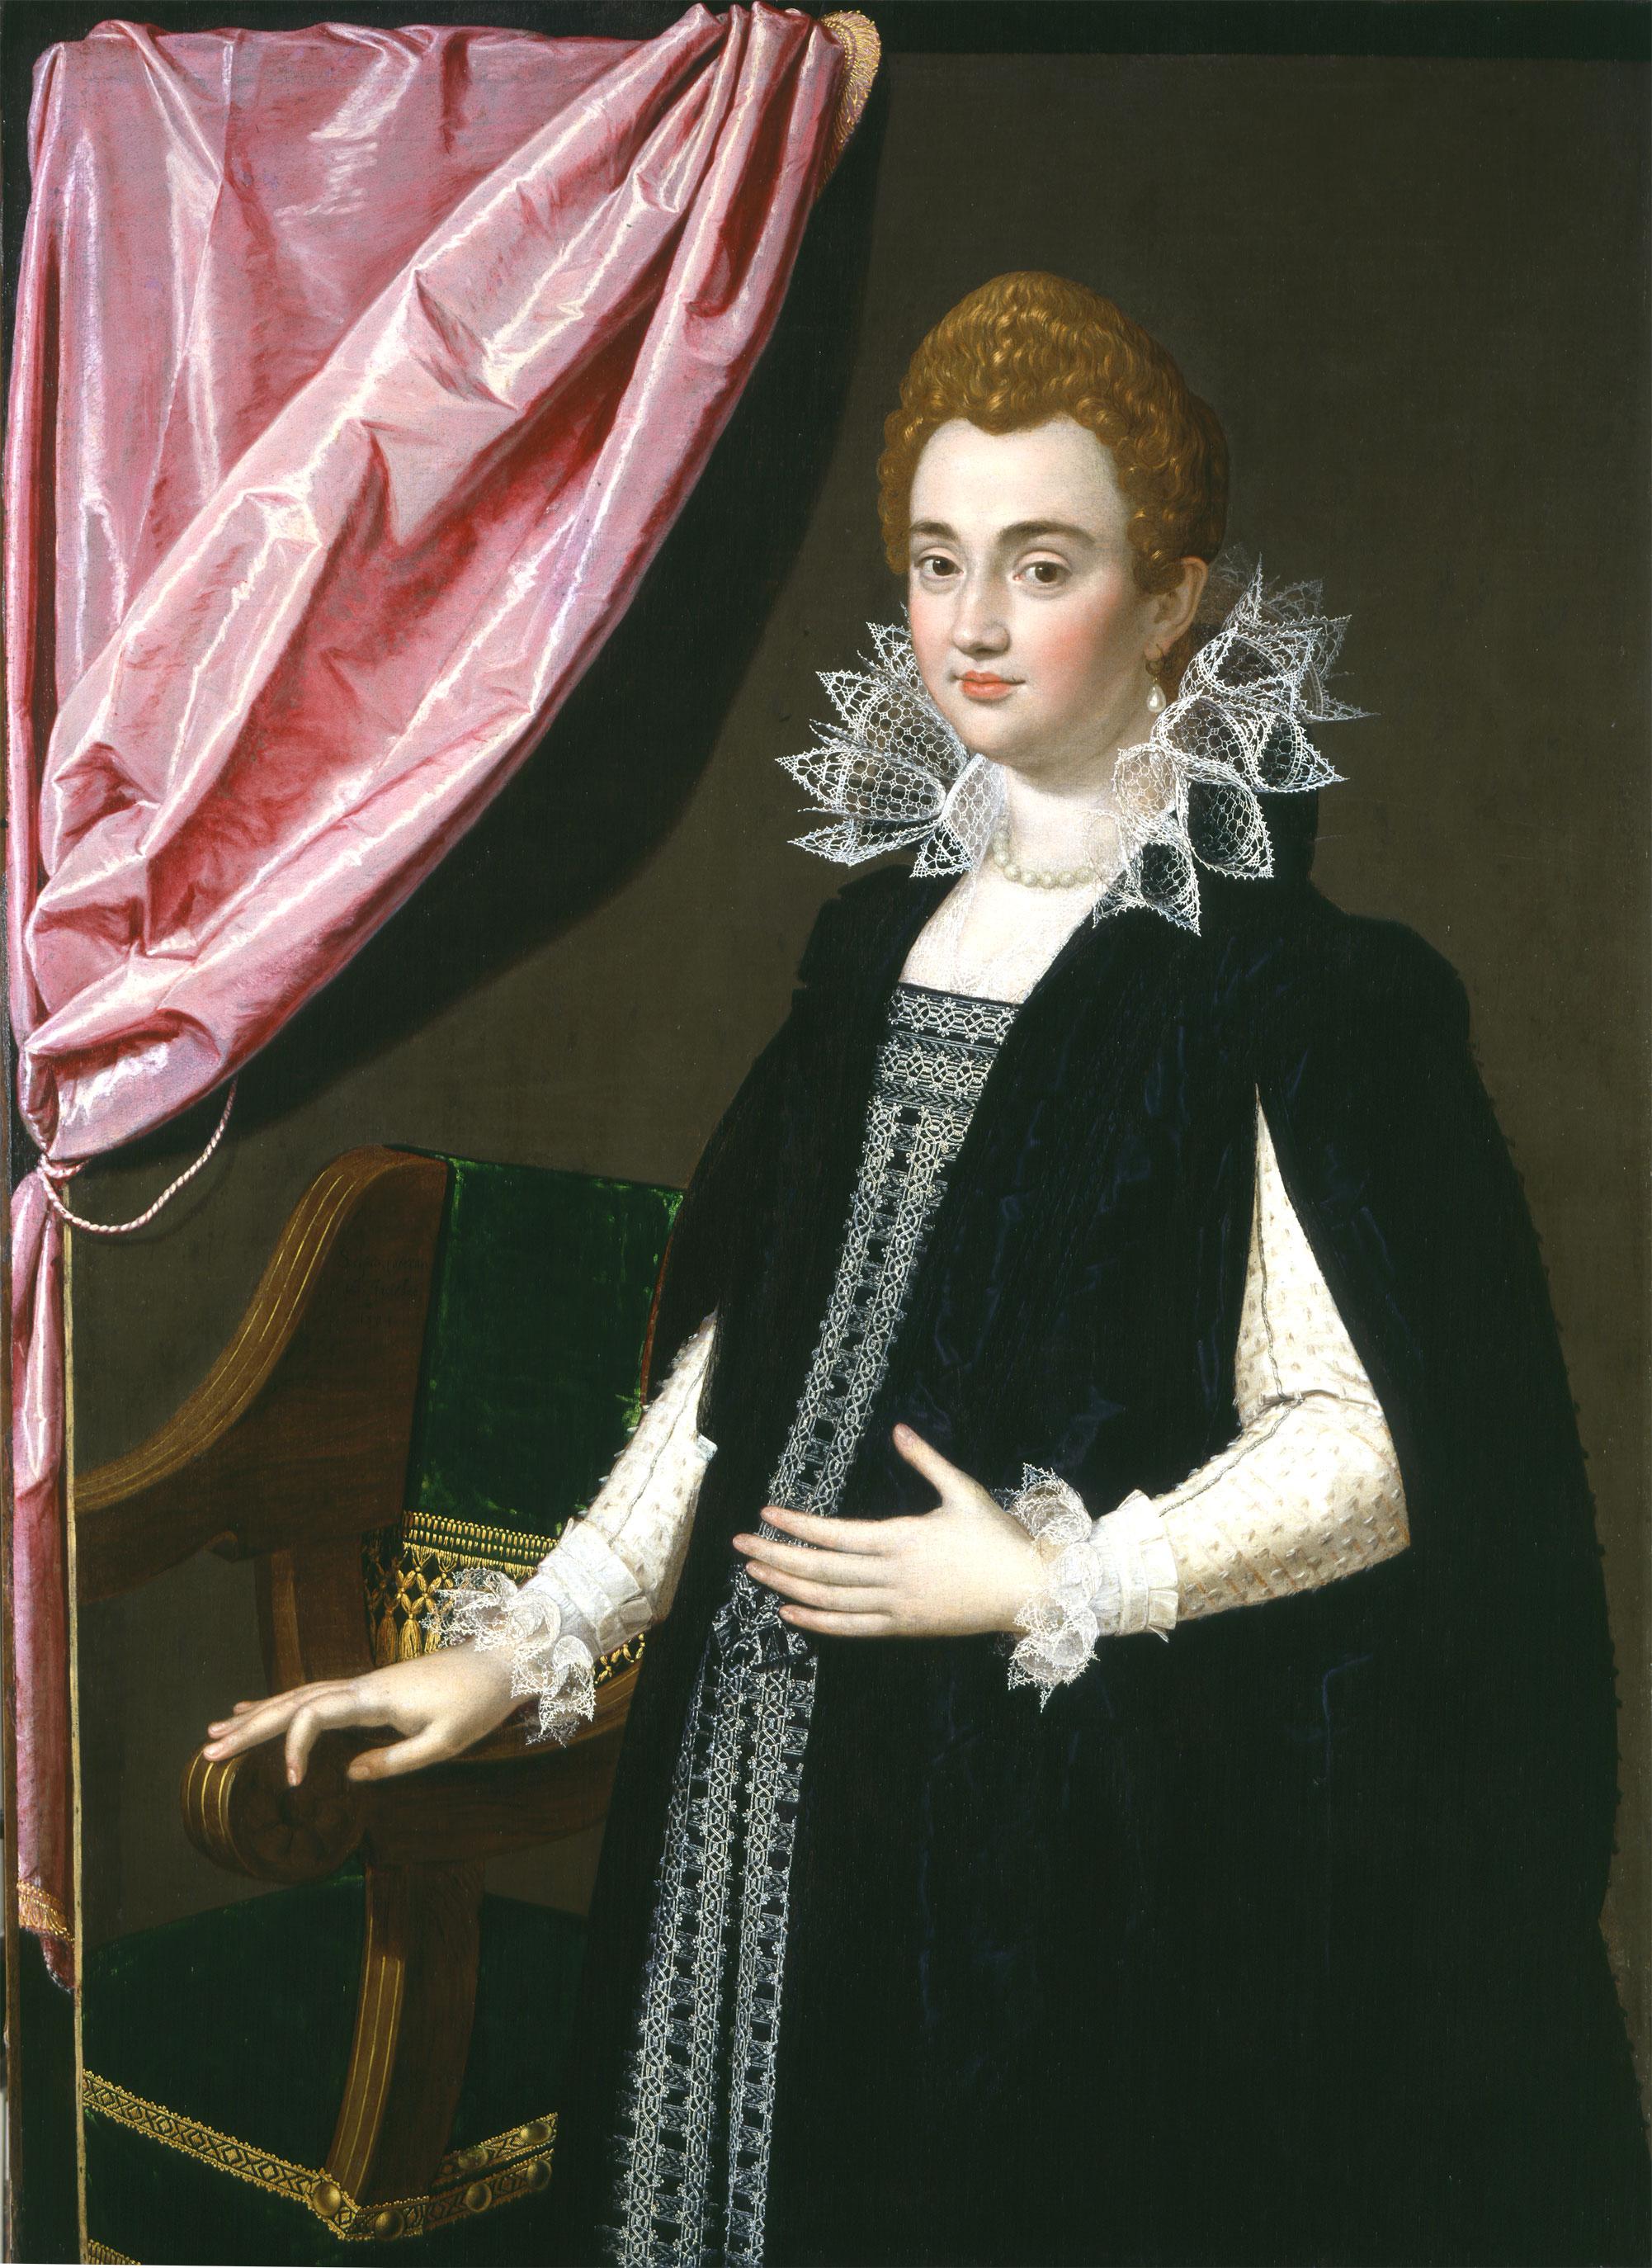 Scipione Pulzone, called Il Gaetano,  Portrait of Maria de' Medici, later Queen of France